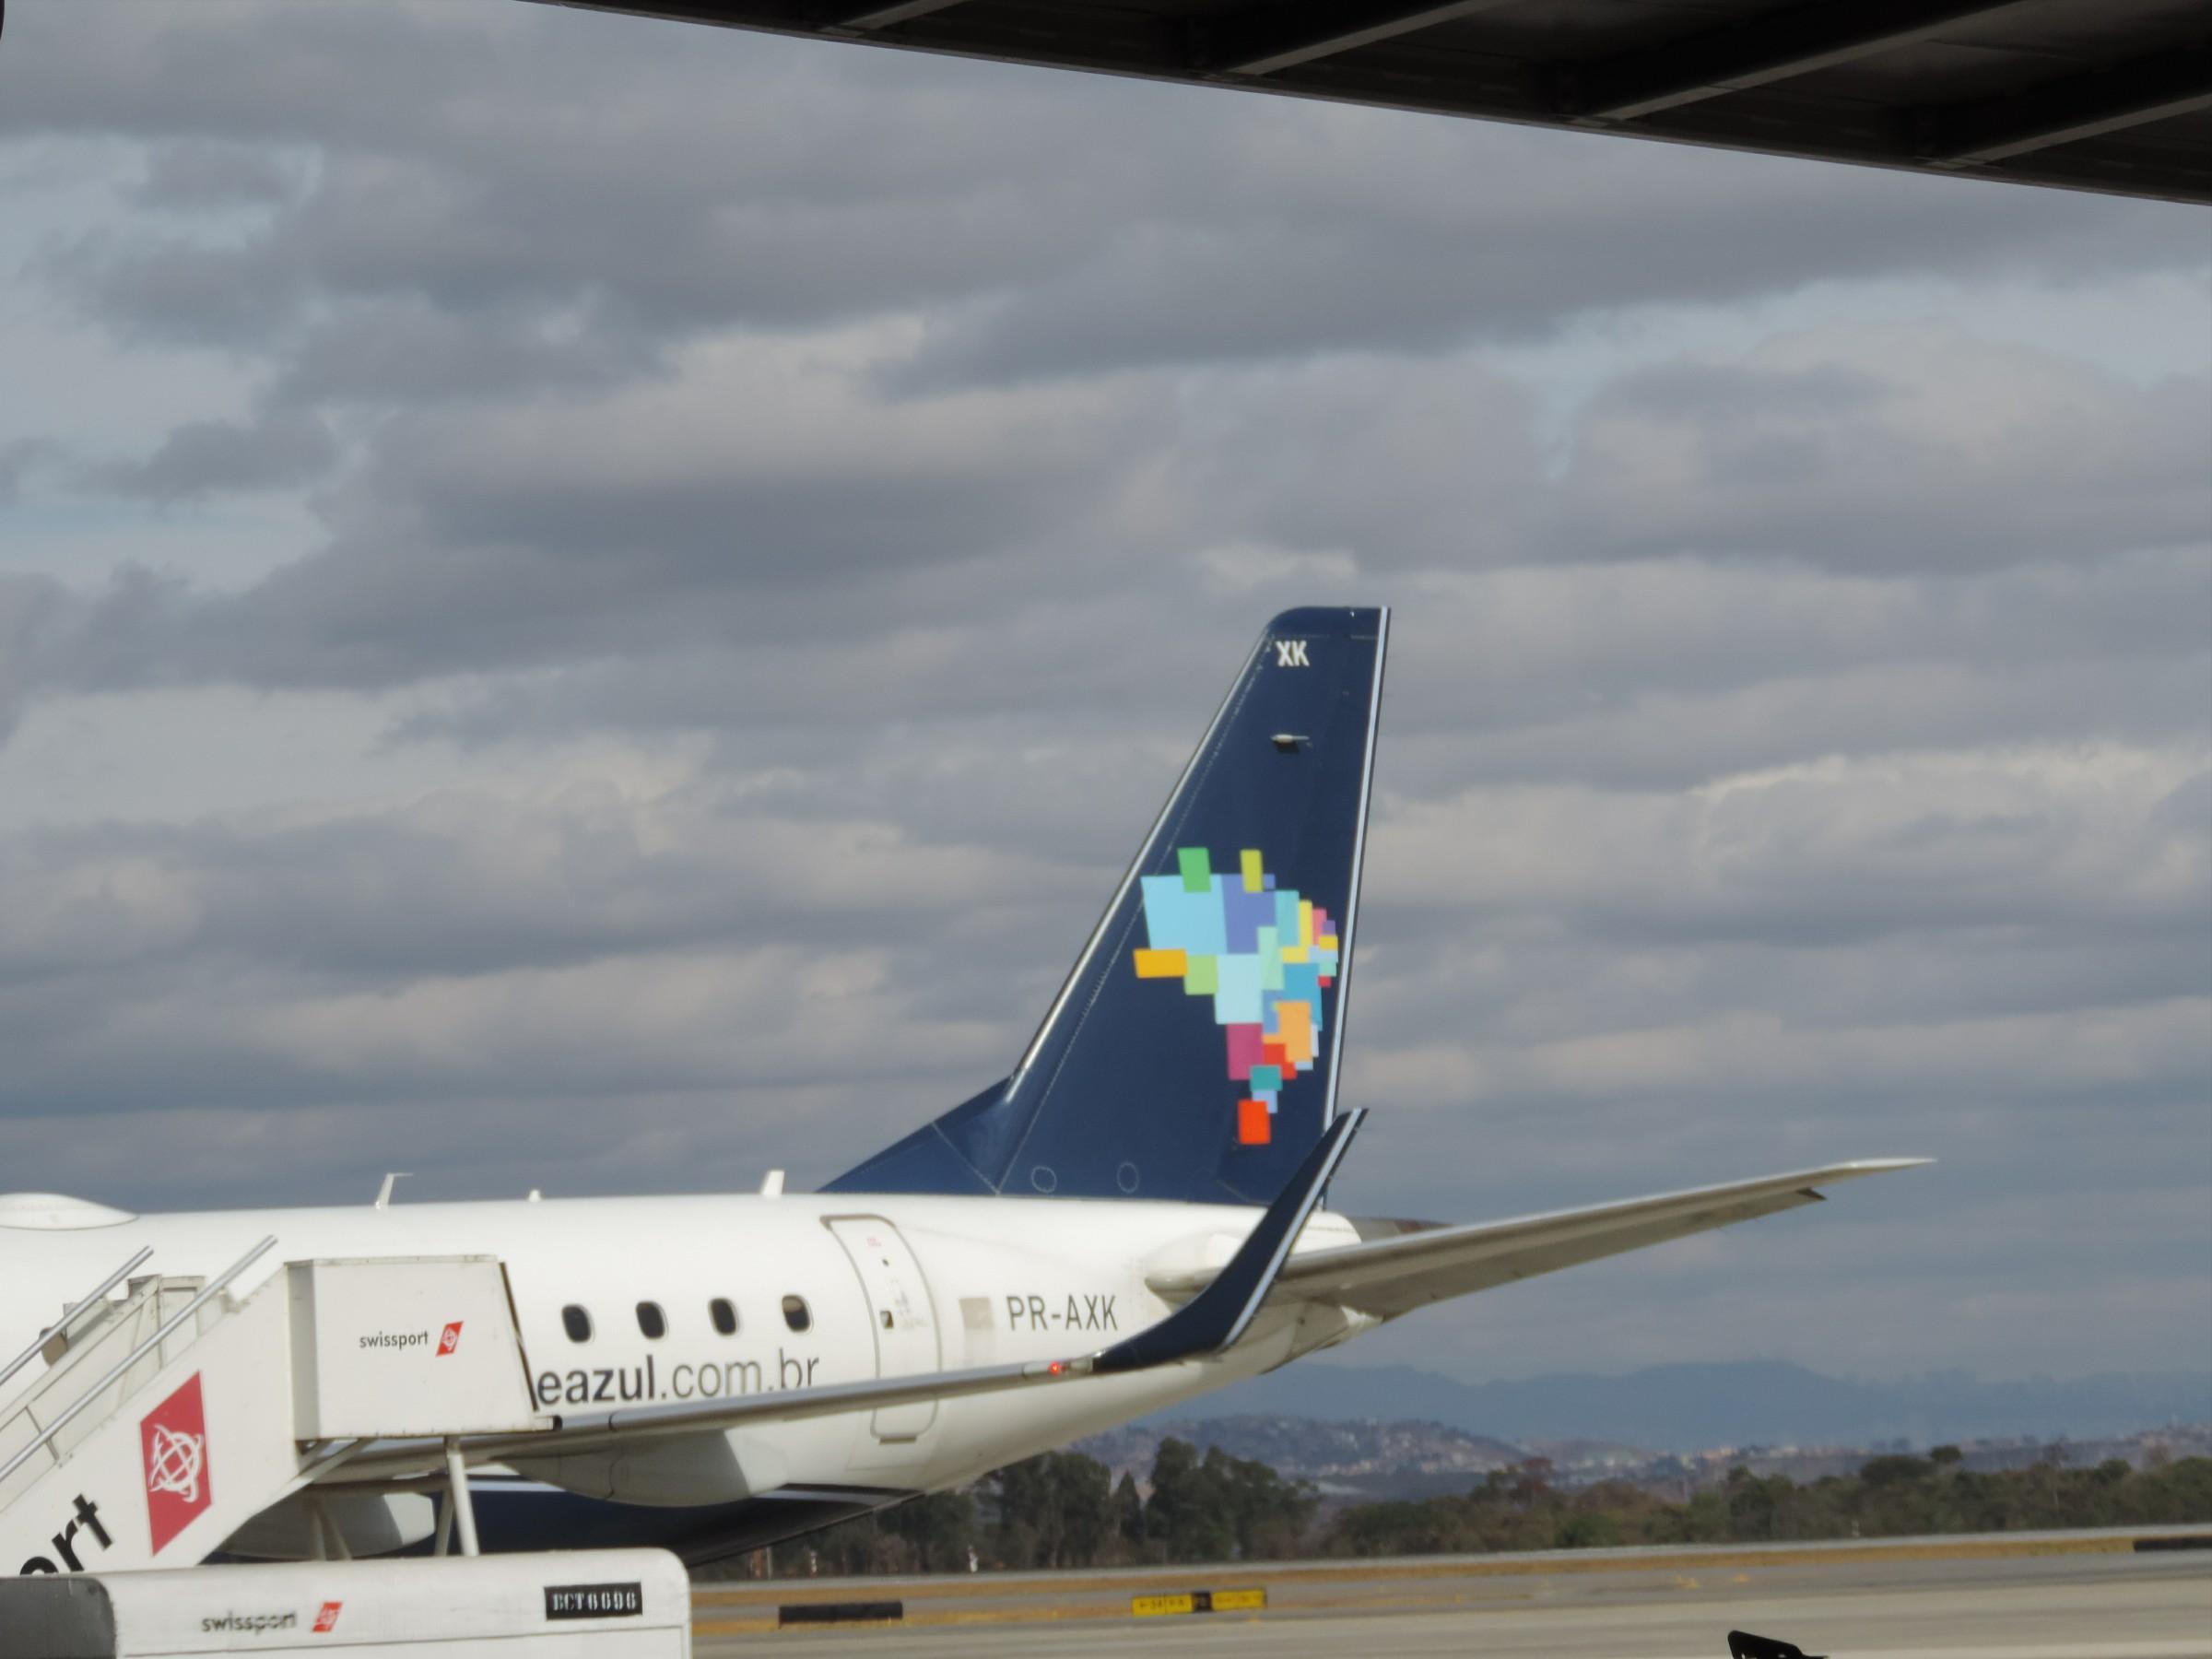 Viaje de avião entre São Paulo e BH pagando apenas R$ 278